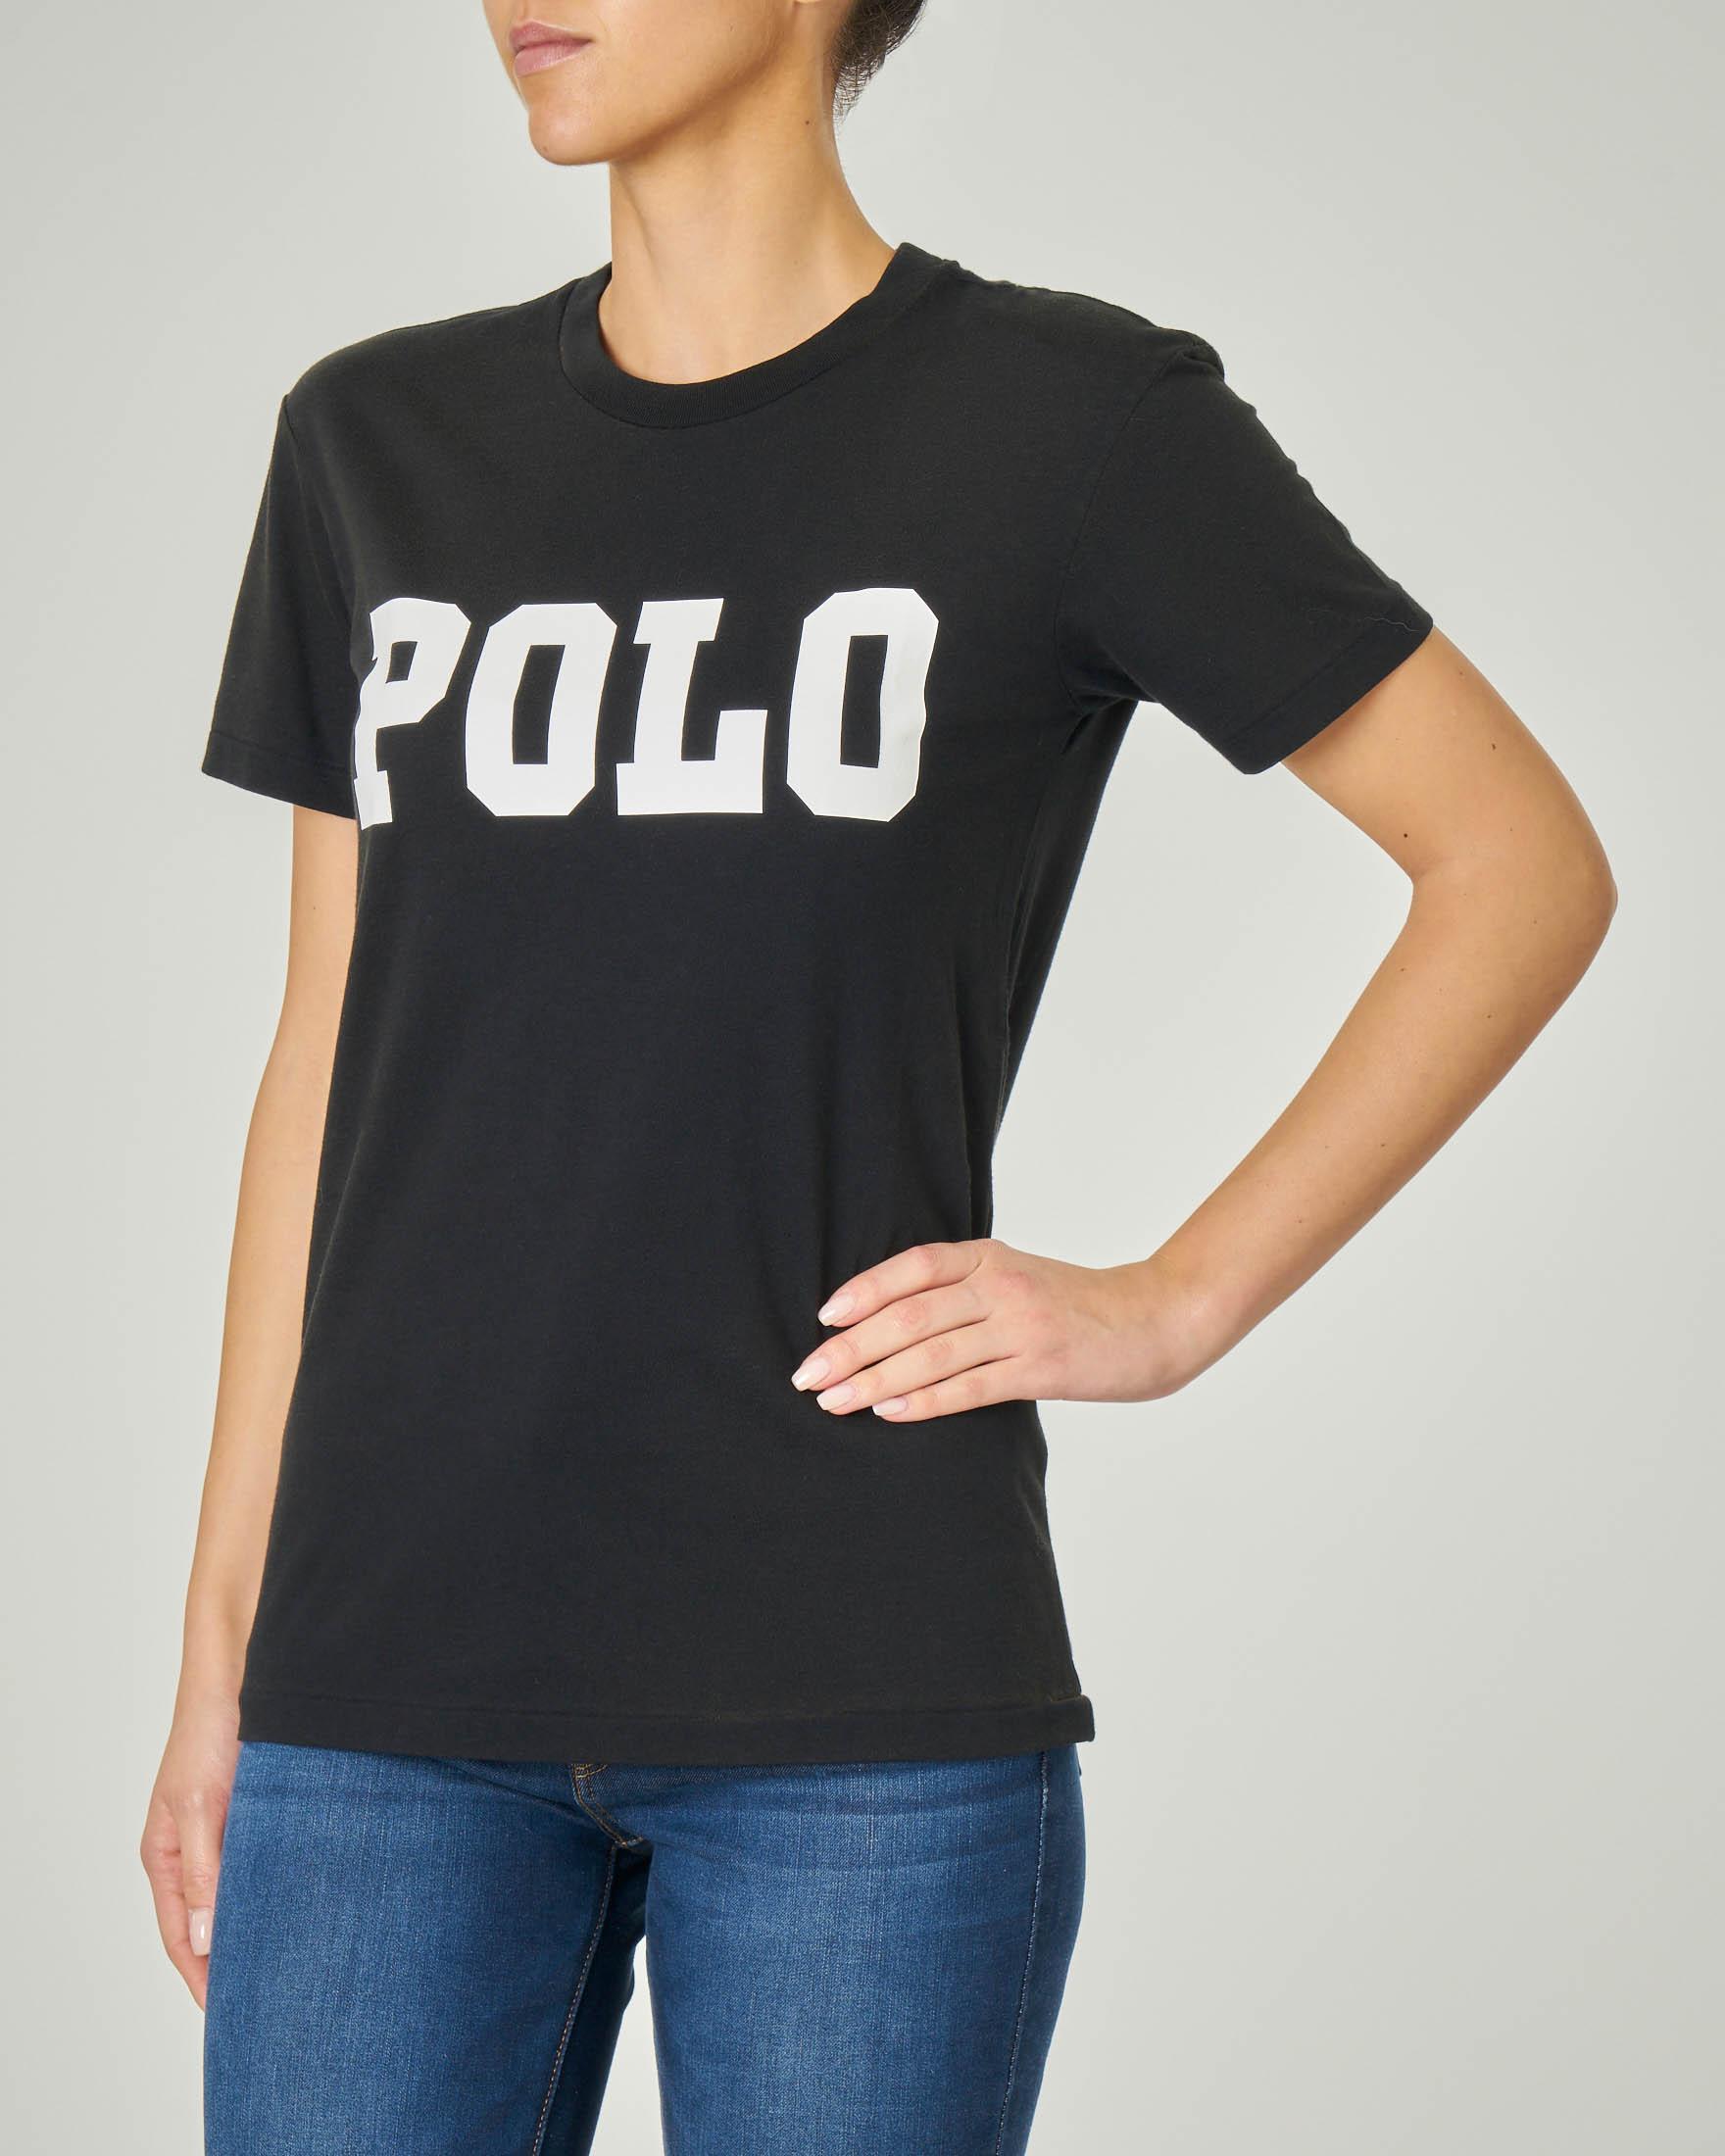 T-shirt nera in cotone a manica corta con scritta logo stampata in bianco